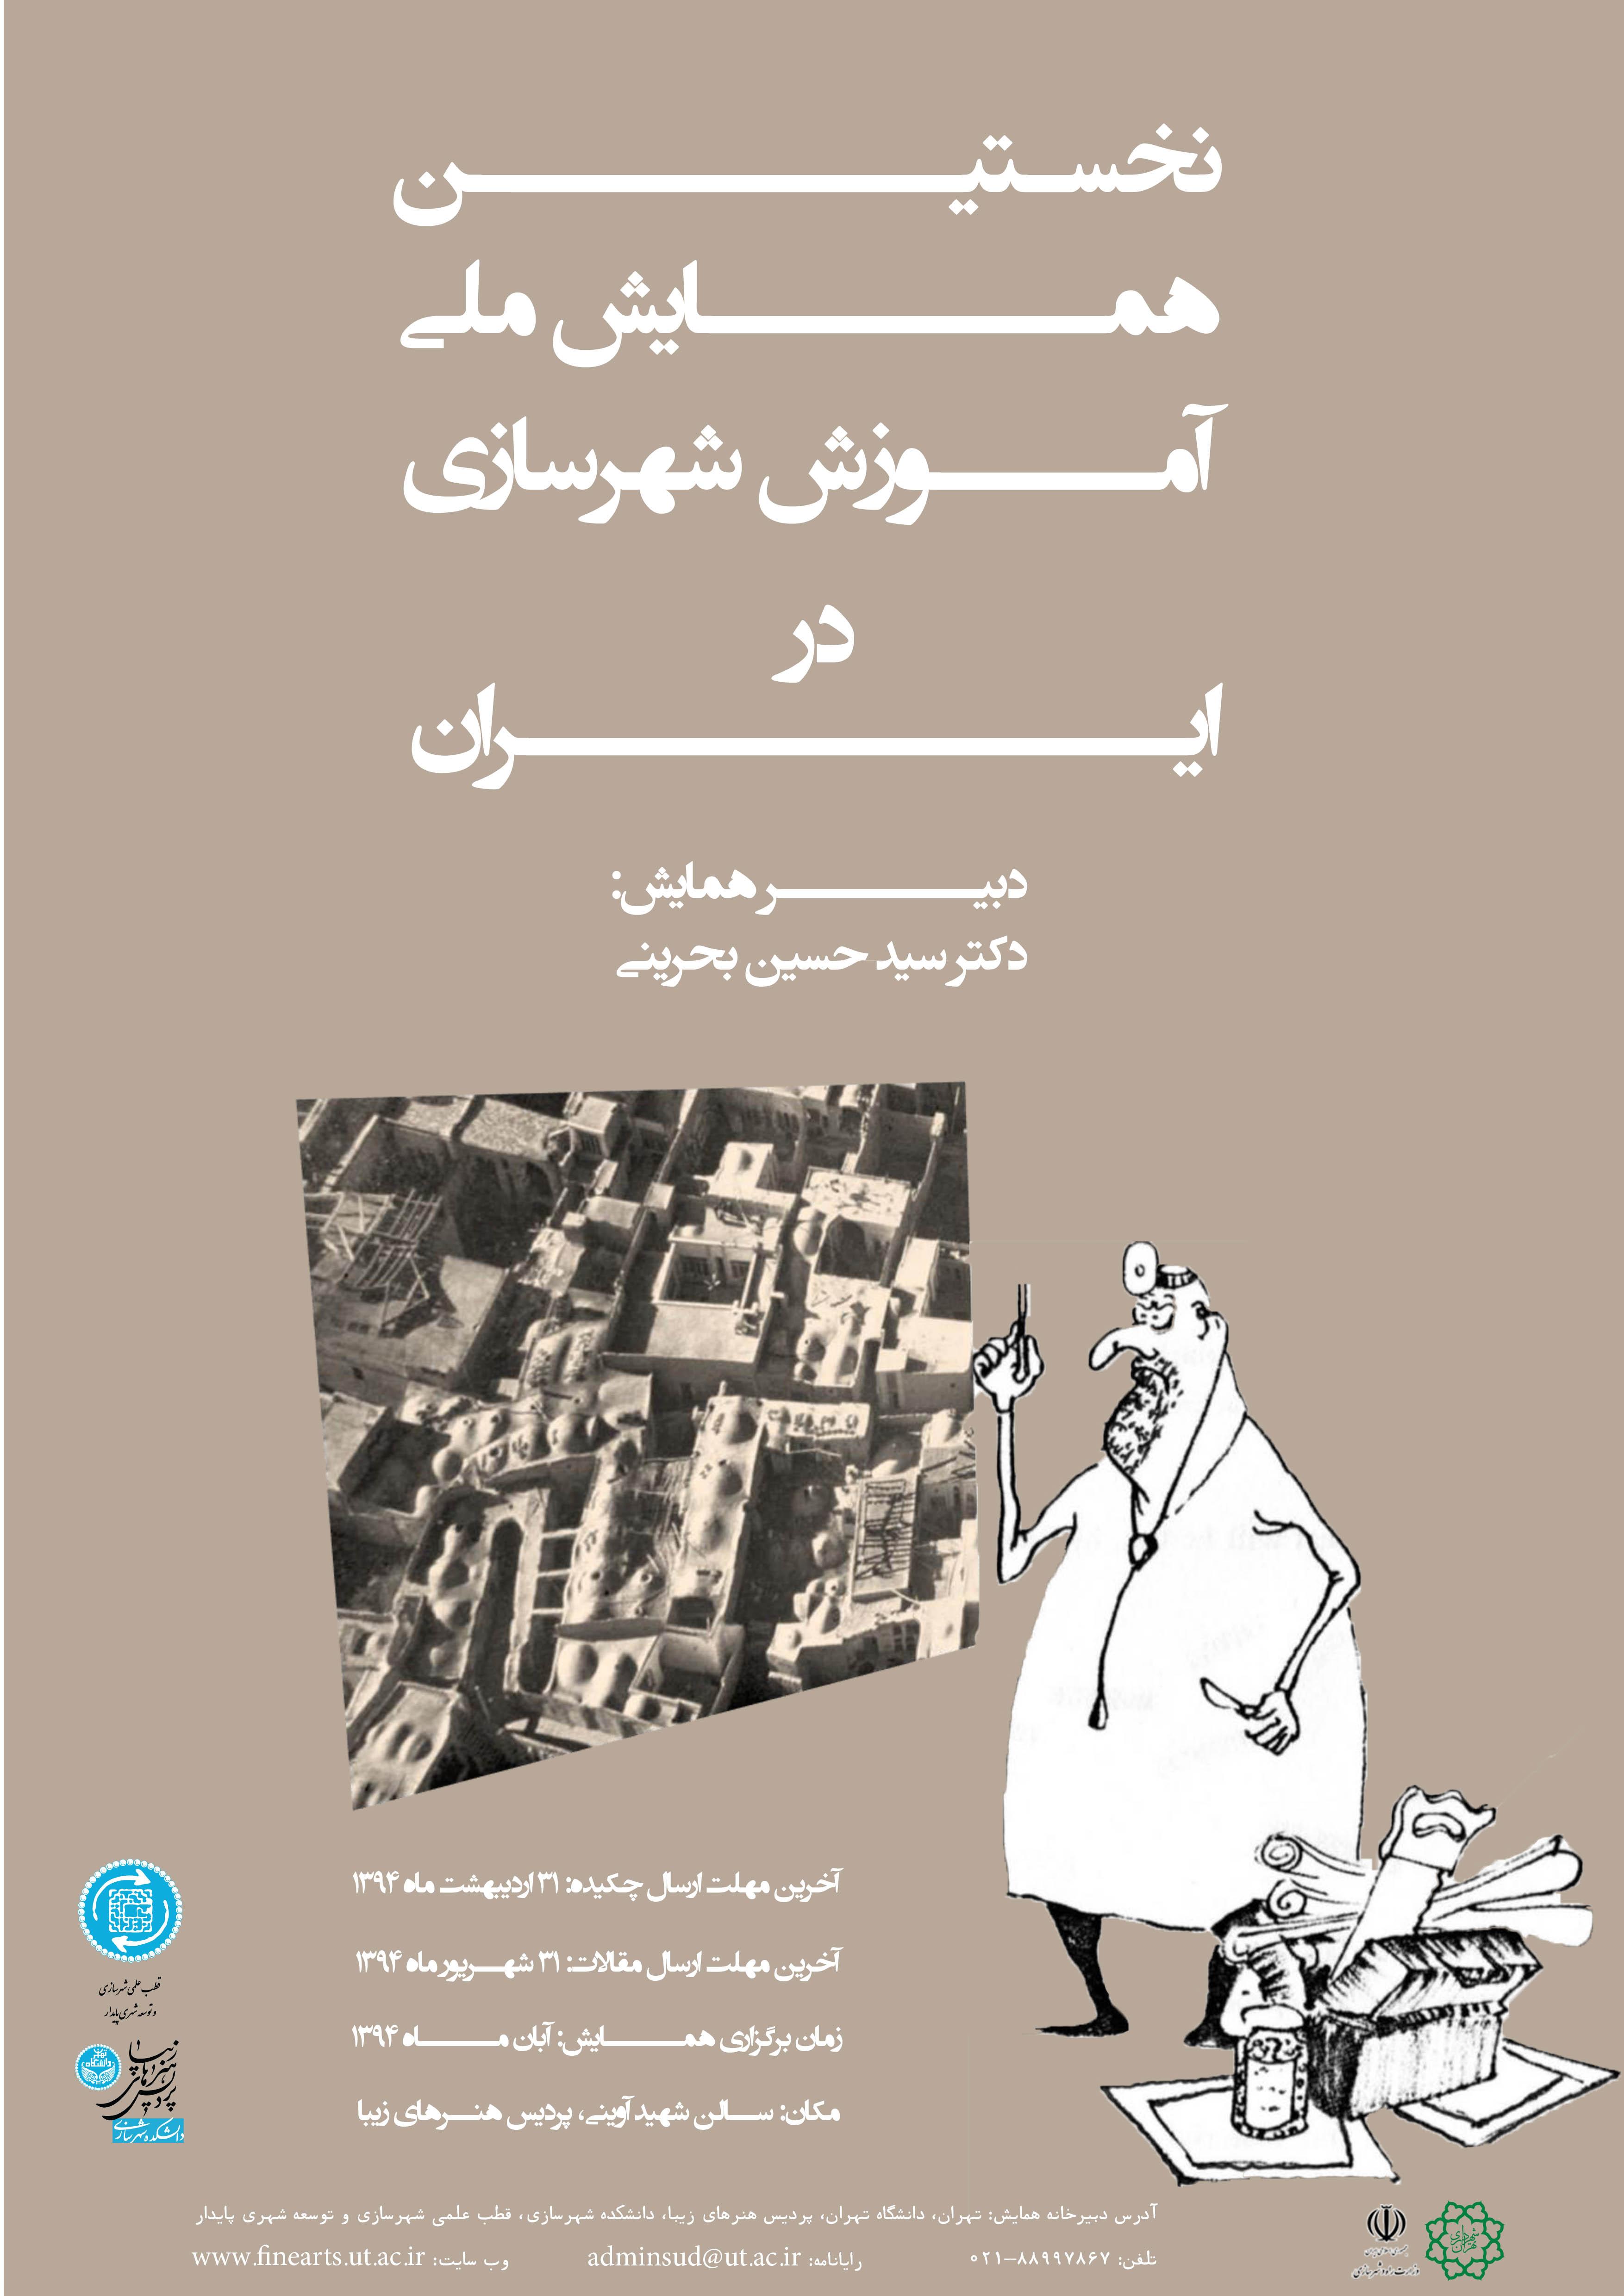 نخستین همایش ملی آموزش شهرسازی در ایران